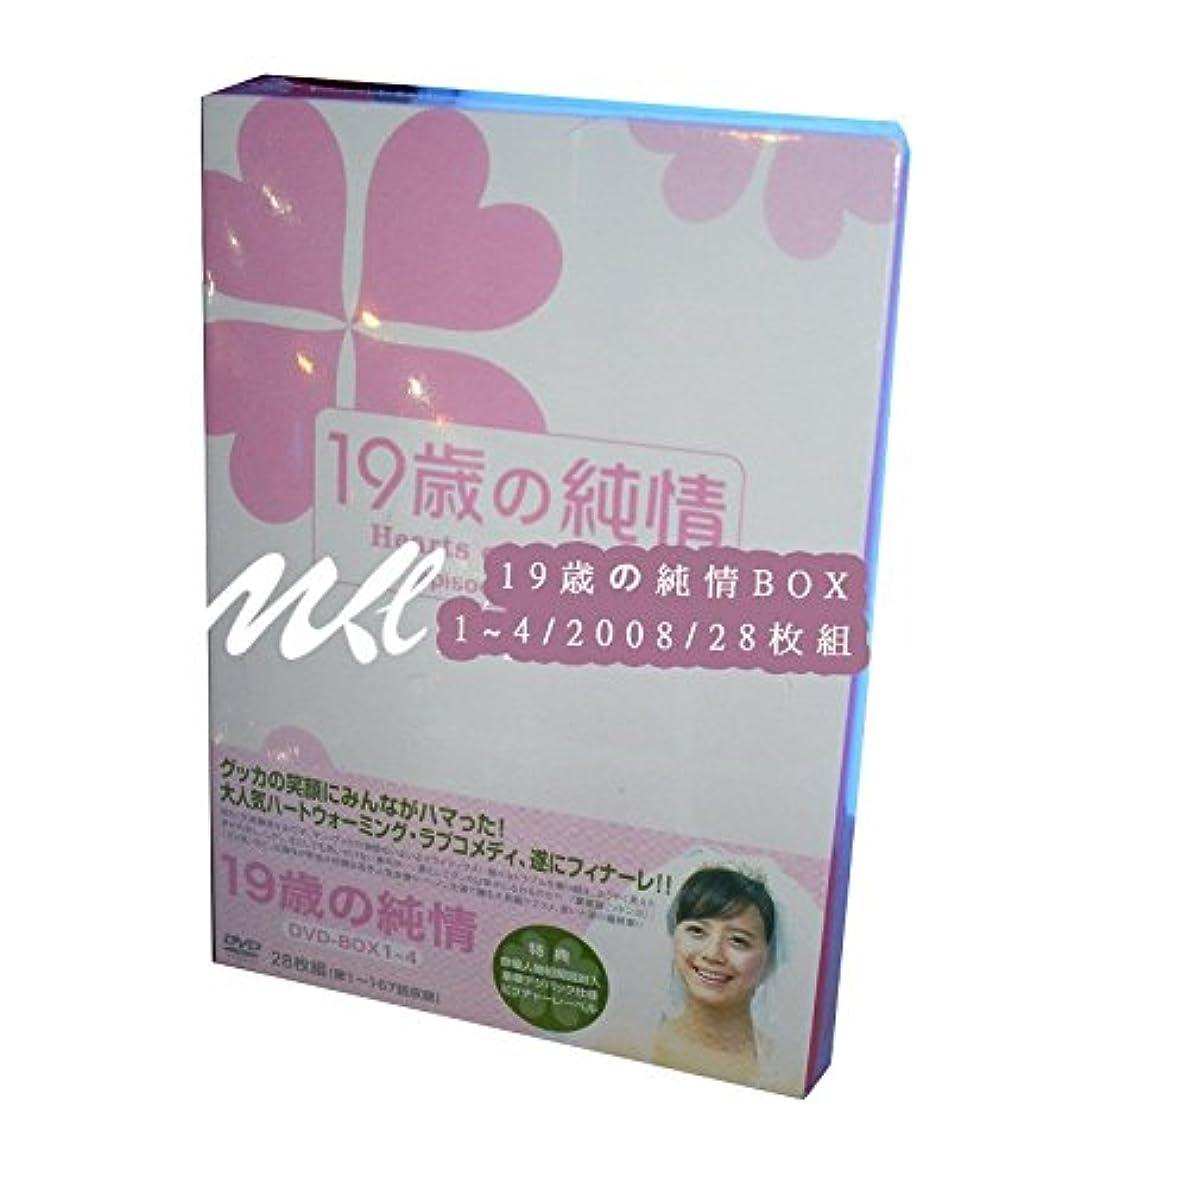 歌う厳密に貫入19歳の純情 BOX 1~4 2008